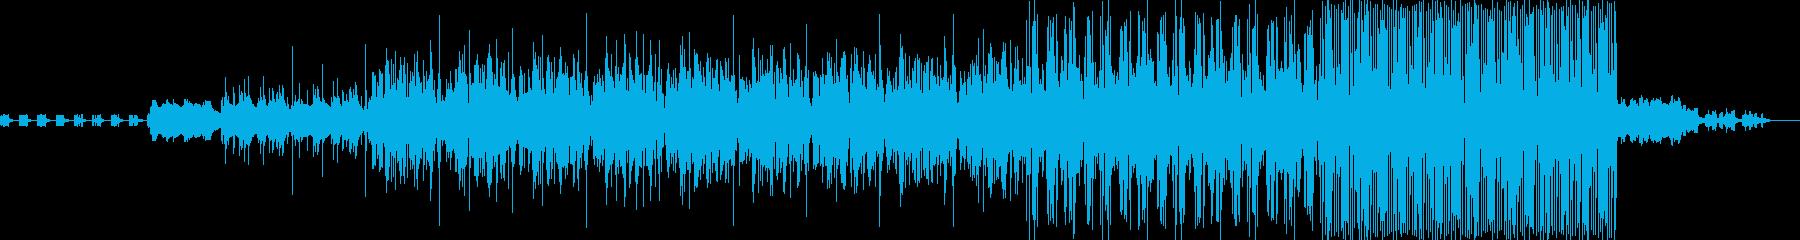 ゆったりほのぼの近未来エレクトロニカの再生済みの波形